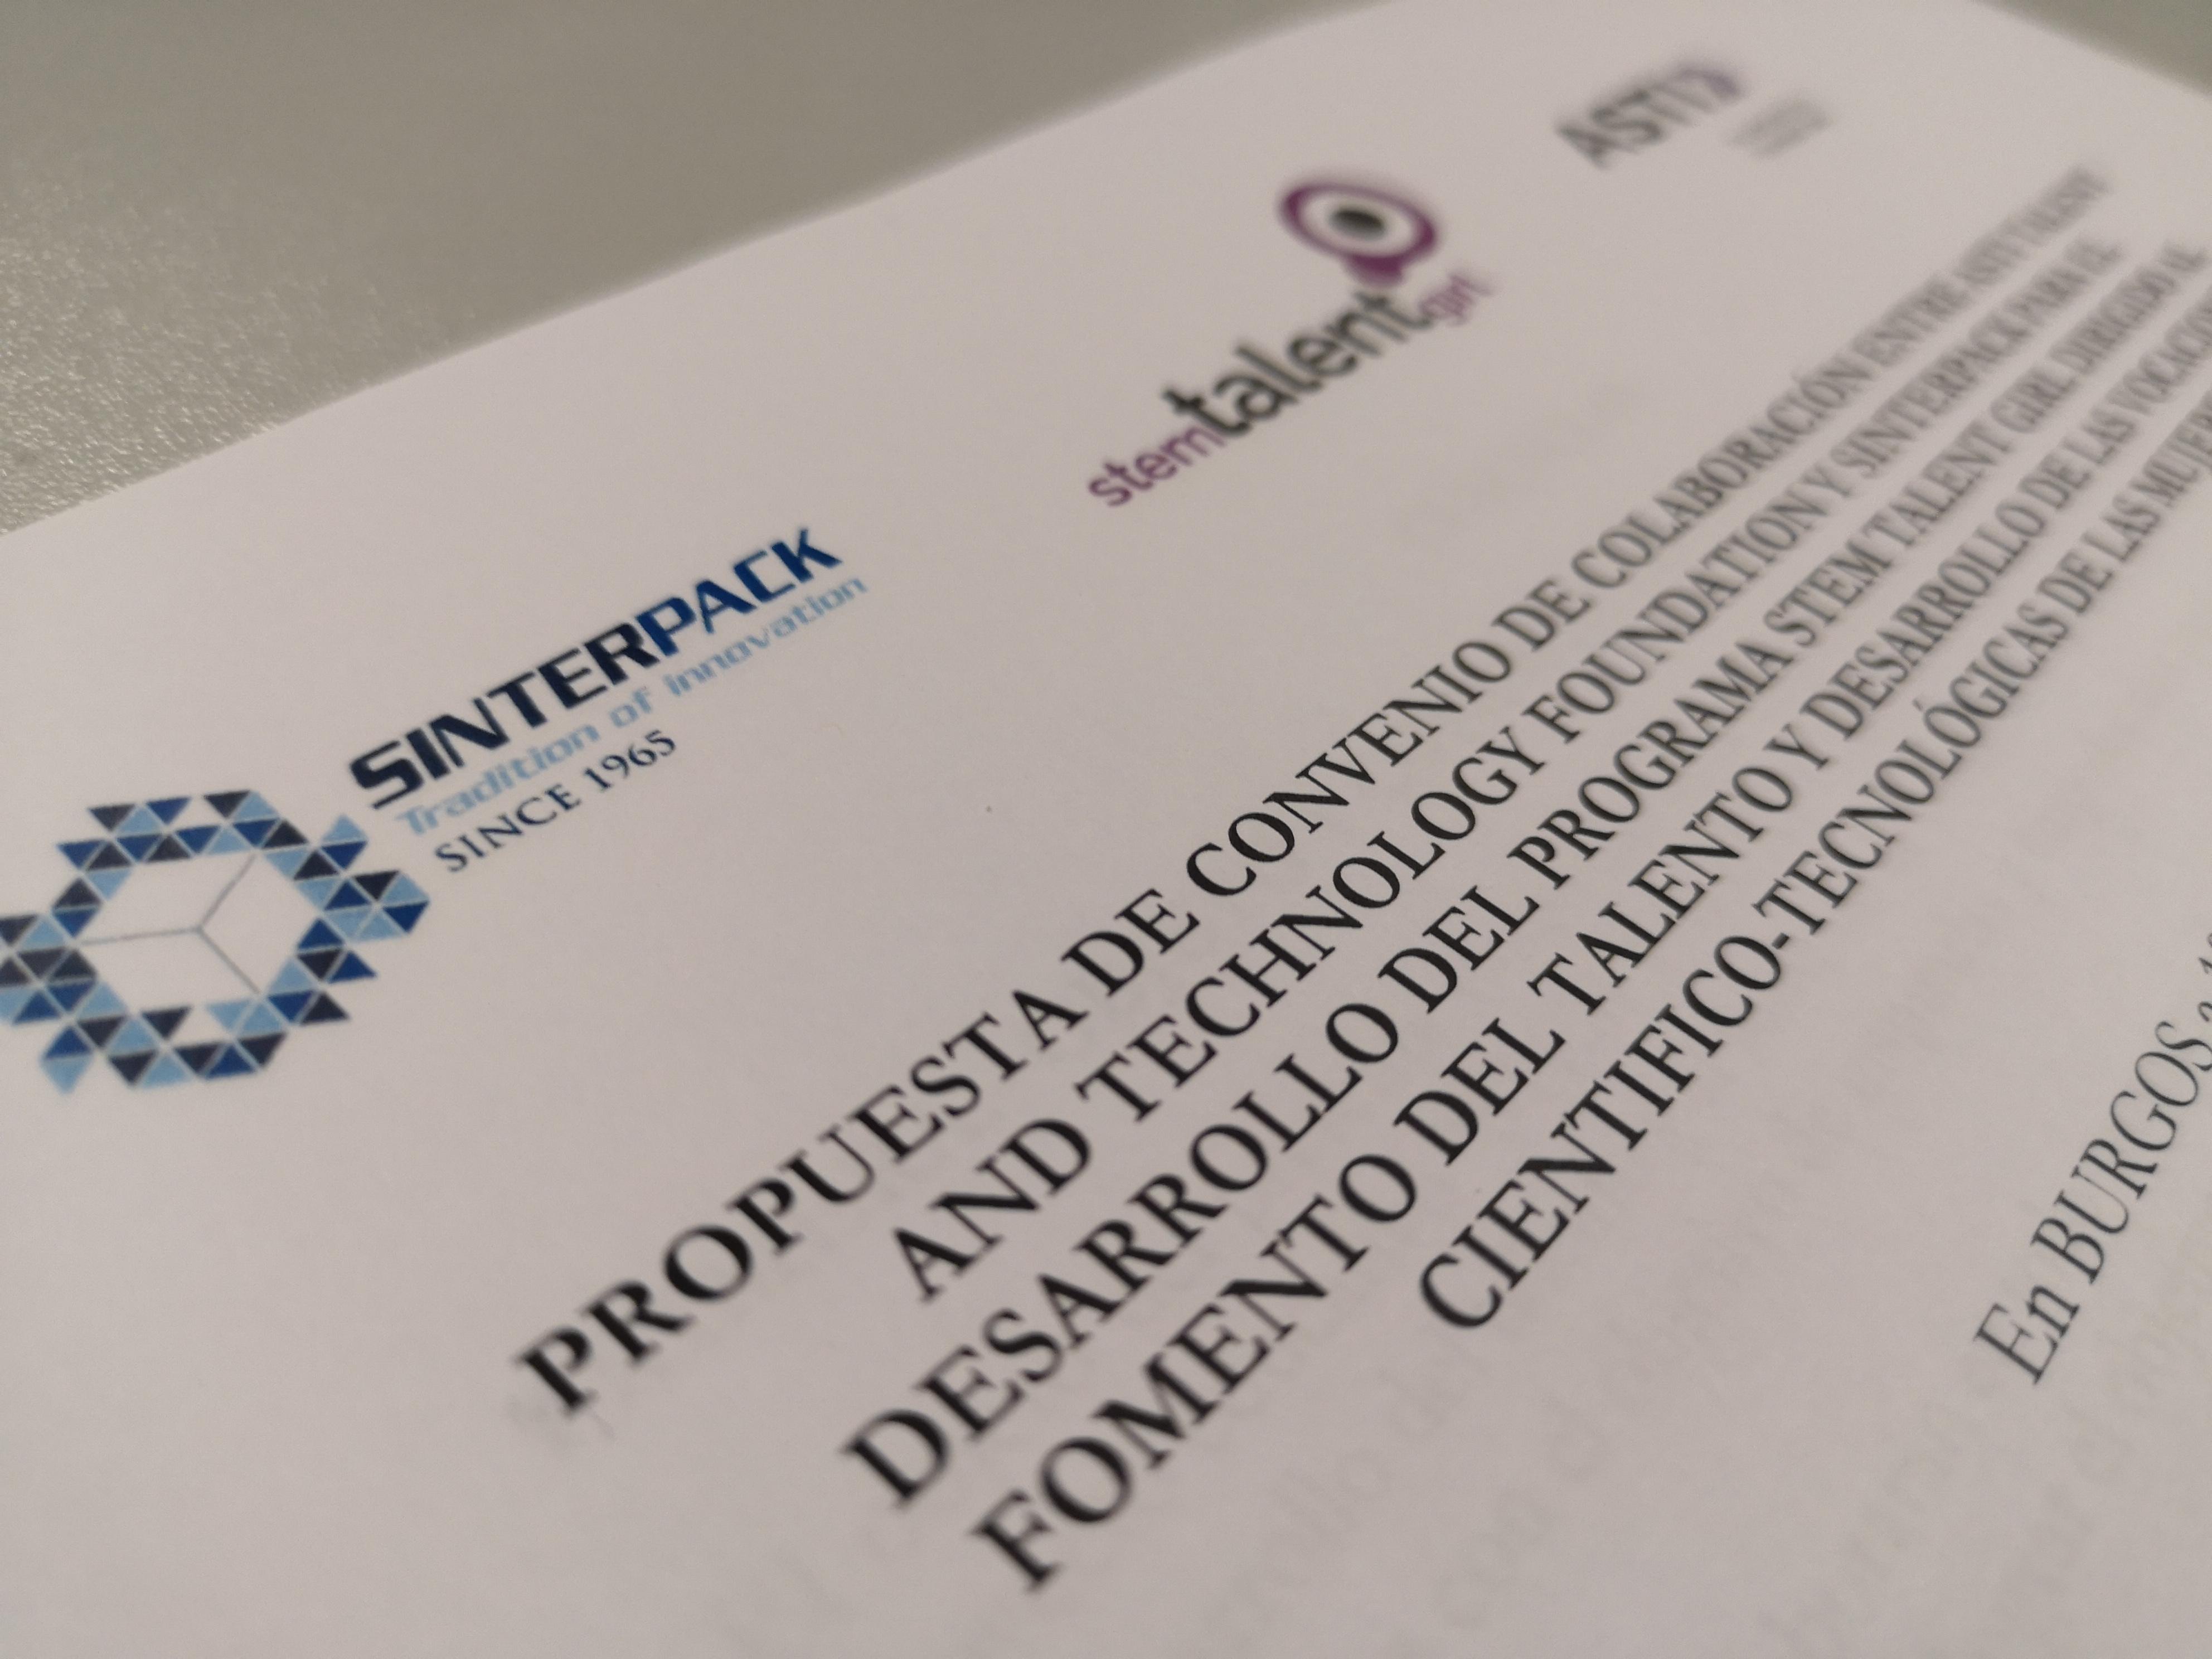 Sinterpack se une al proyecto ´Stem Talent Girl´ como patrocinador plata